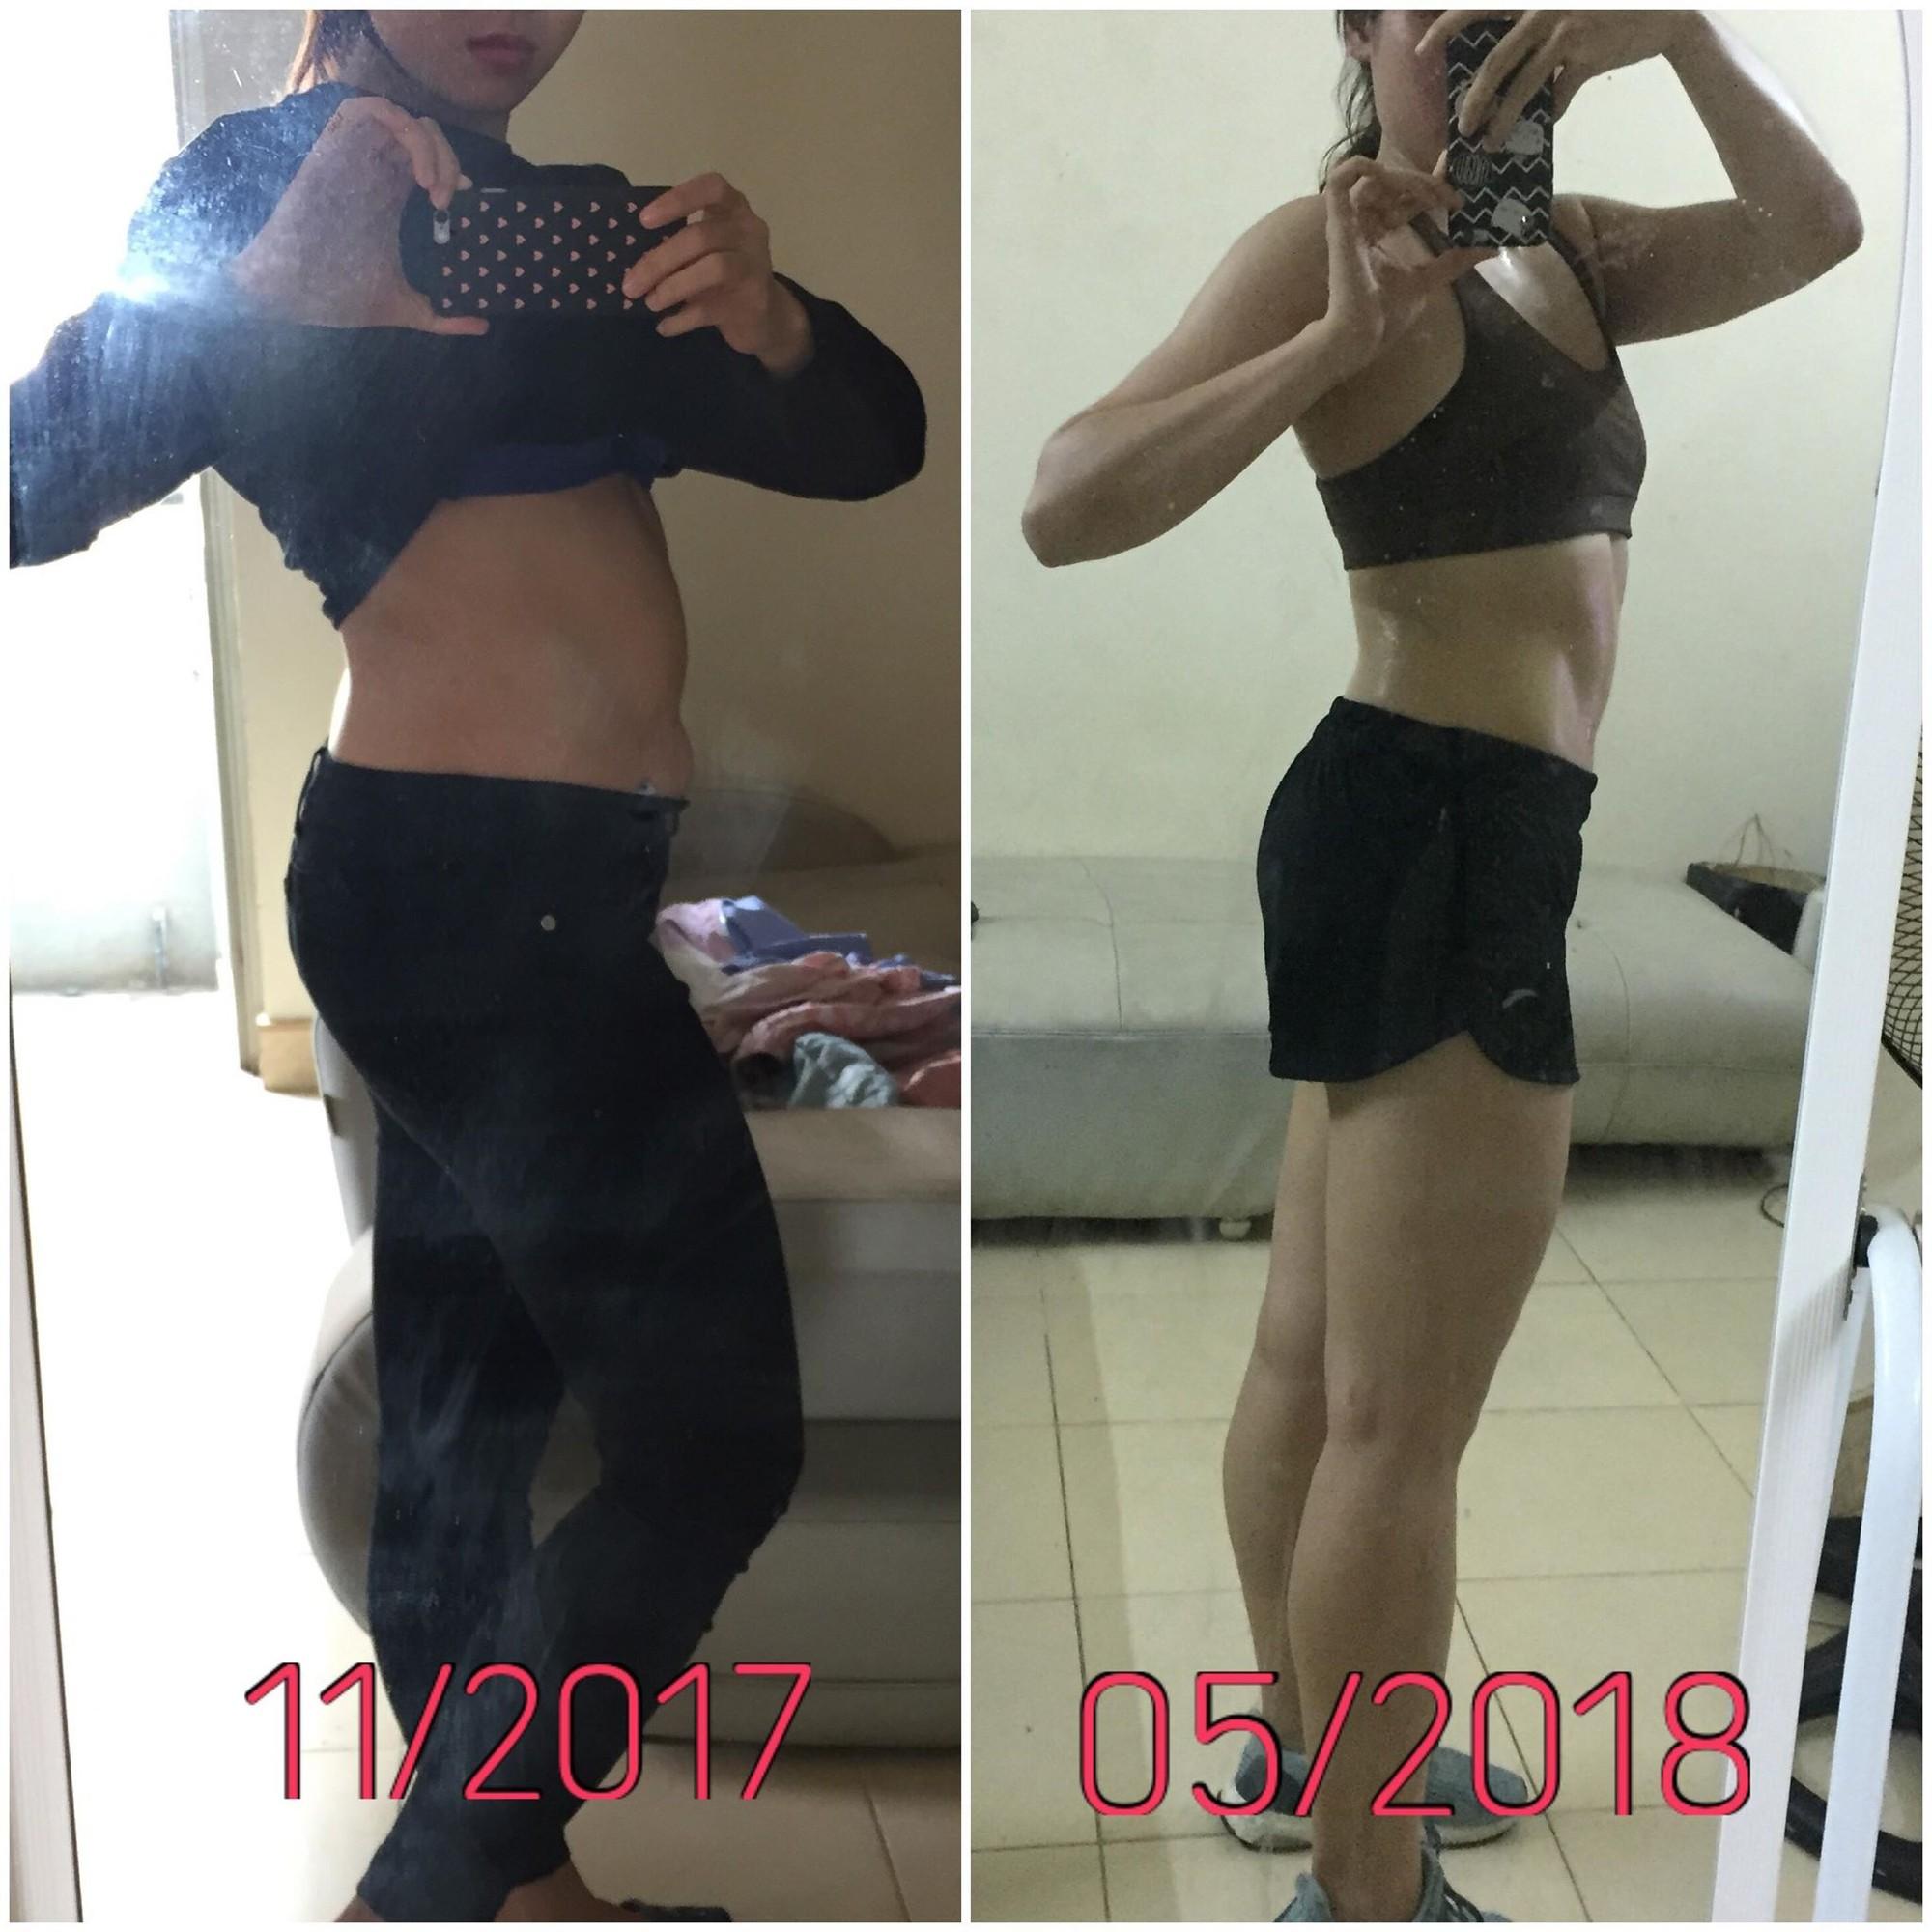 Tự ti vì thân hình mũm mĩm, cô gái trẻ quyết tâm giảm mỡ tăng cơ, chữa khỏi bệnh và còn trở thành HLV fitness - Ảnh 6.